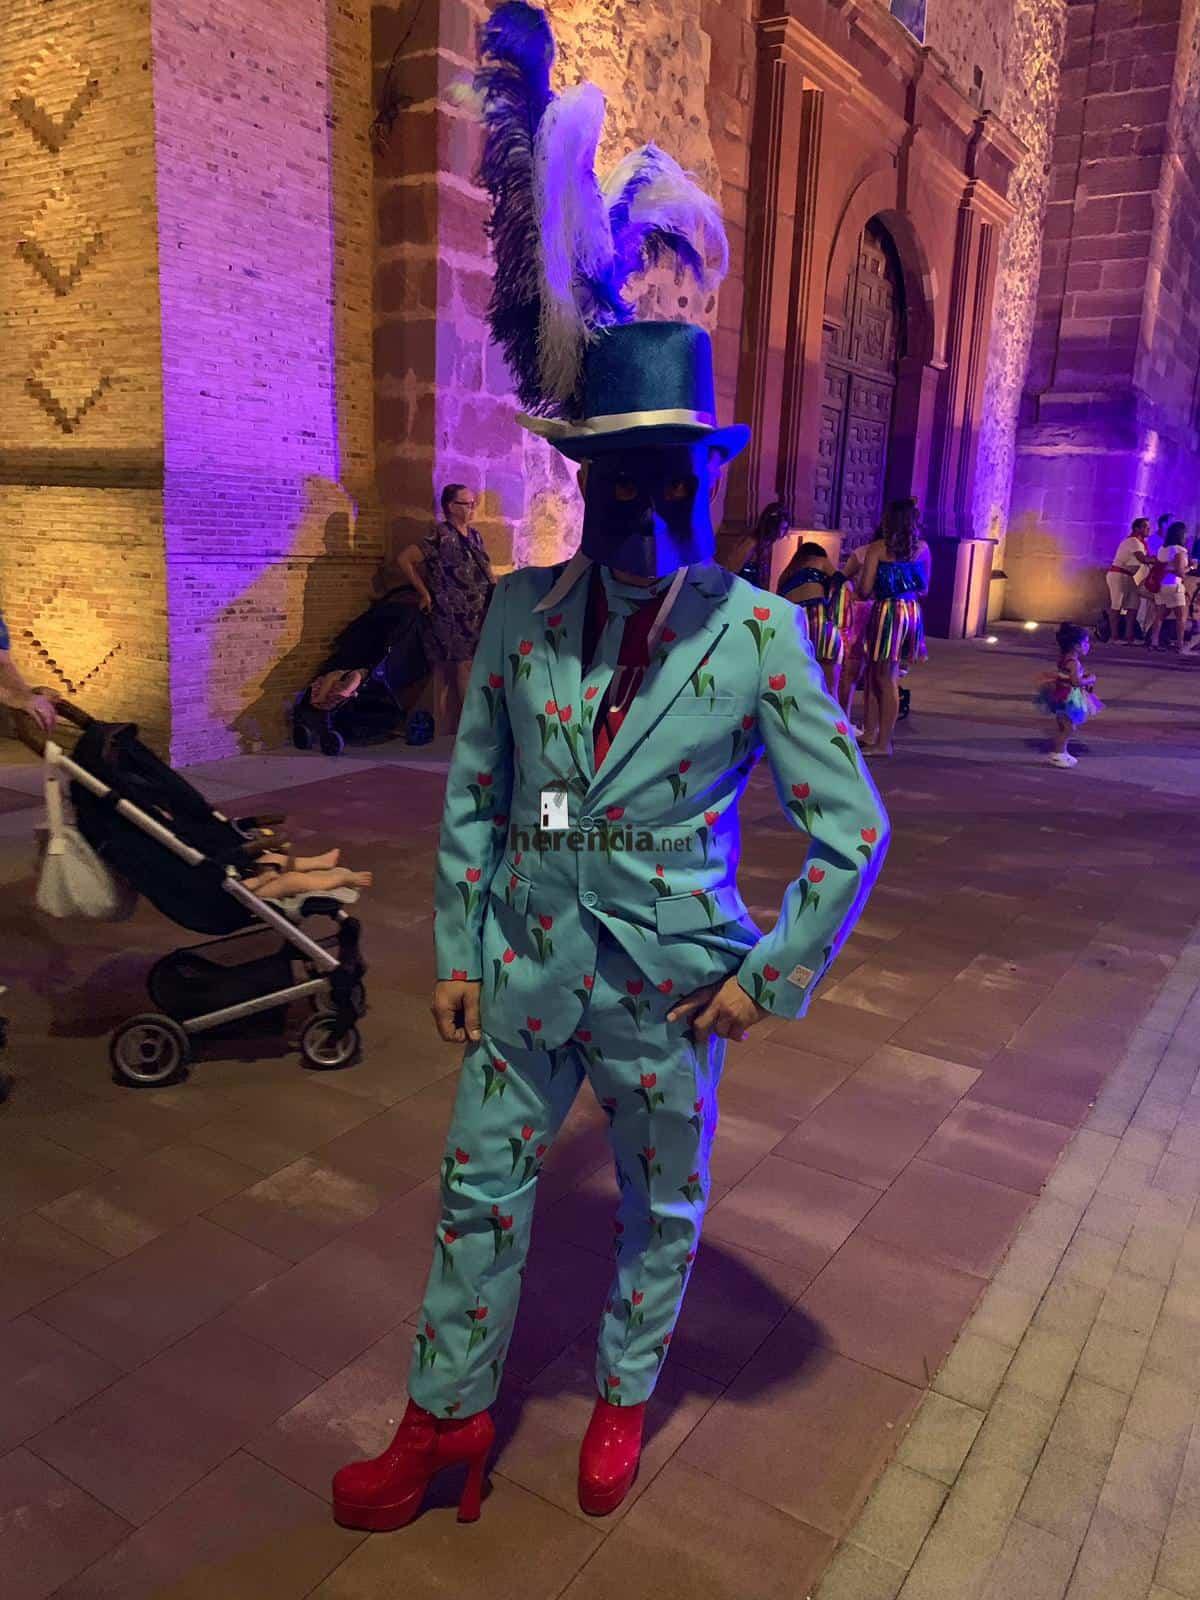 Carnaval de herencia 2019 galeria 70 - Galería de fotografías del Carnaval de Verano 2019